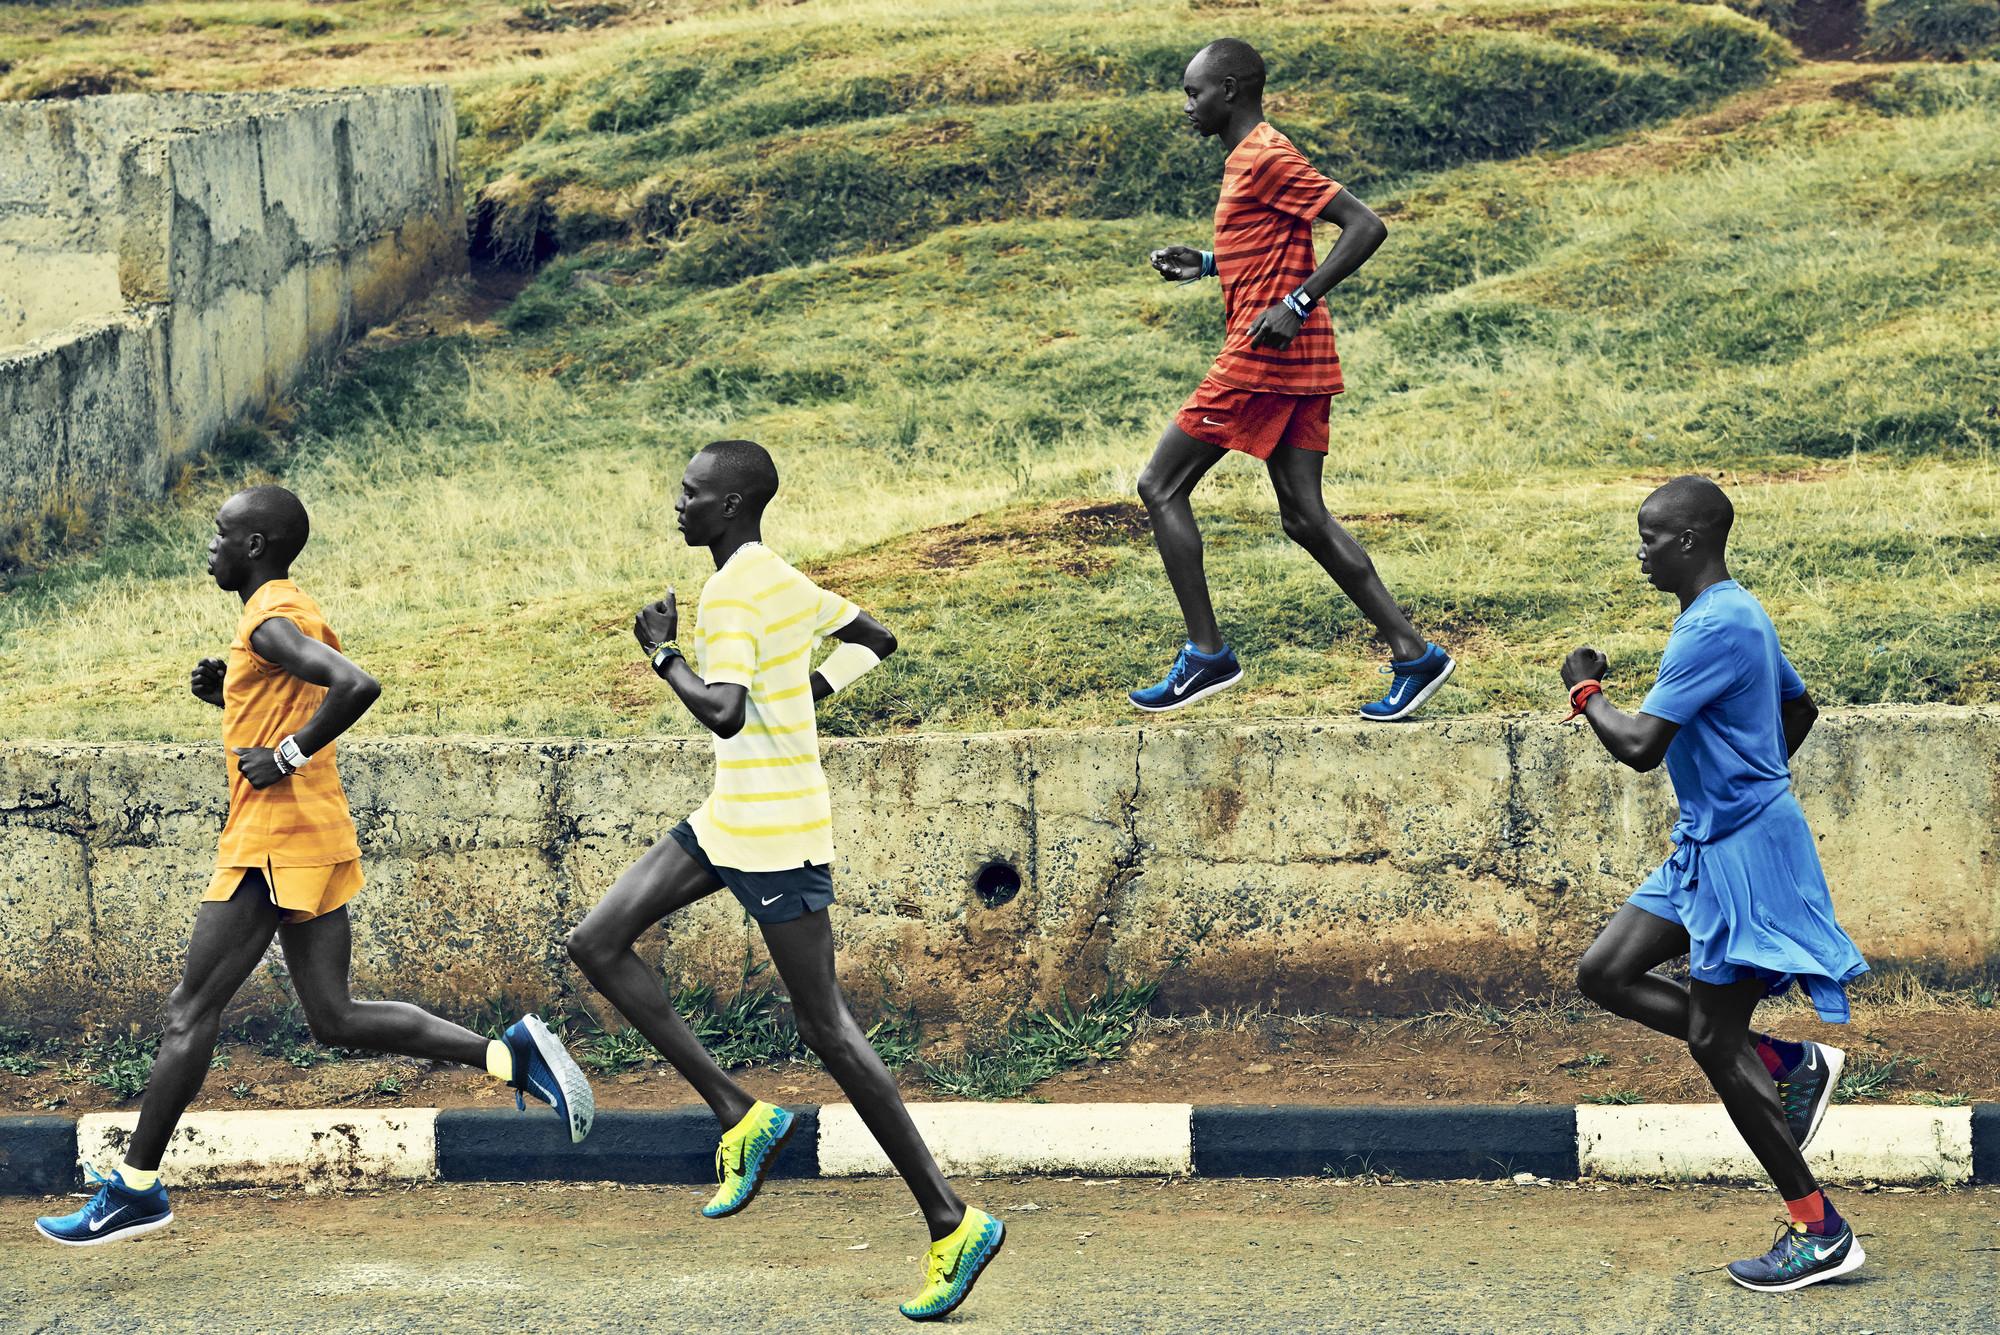 mens nike free run 4.0 yellow red